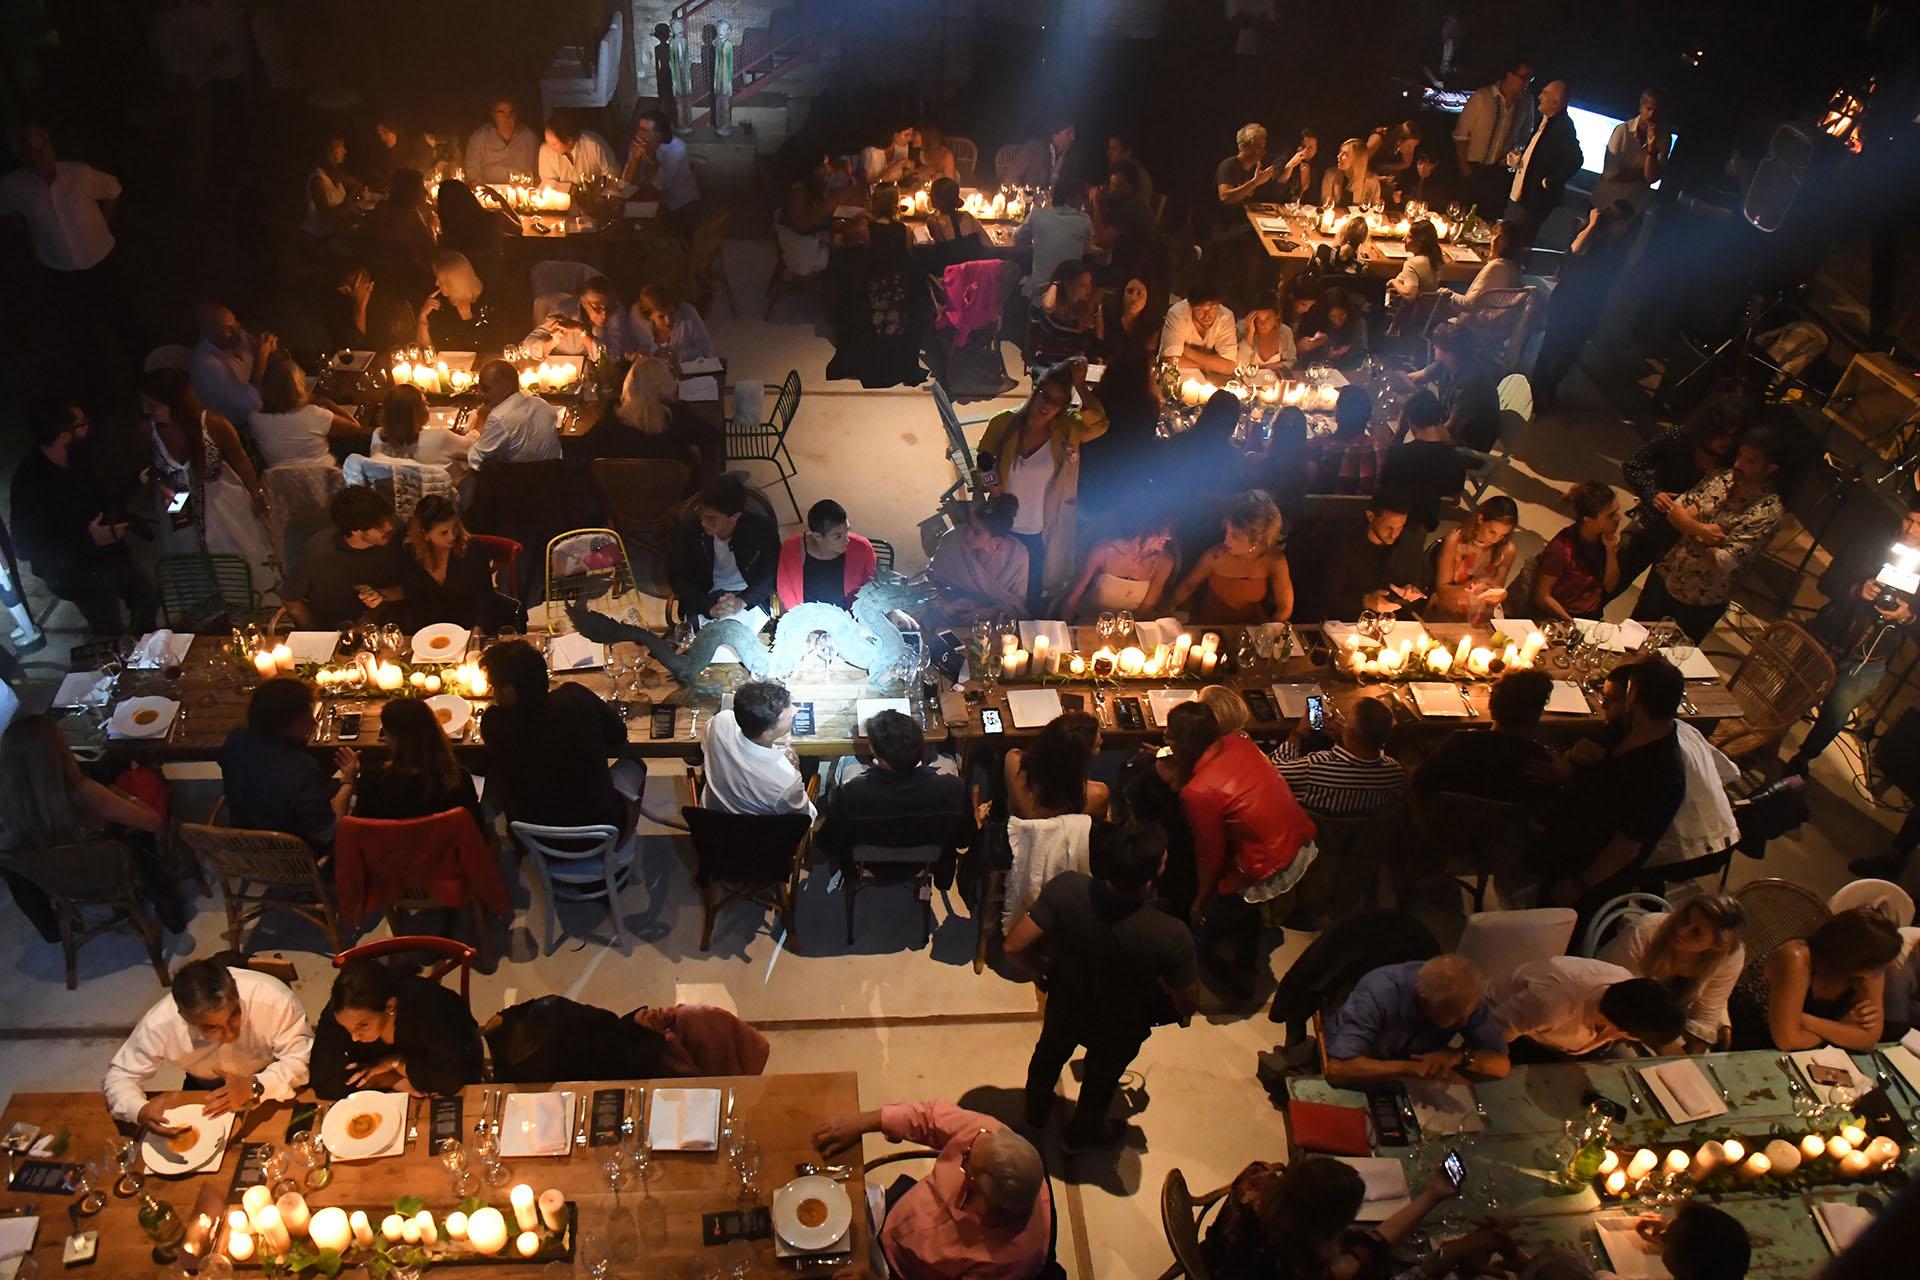 La imponente cena que se llevó a cabo en una lujosa chacra de Rincón del Indio